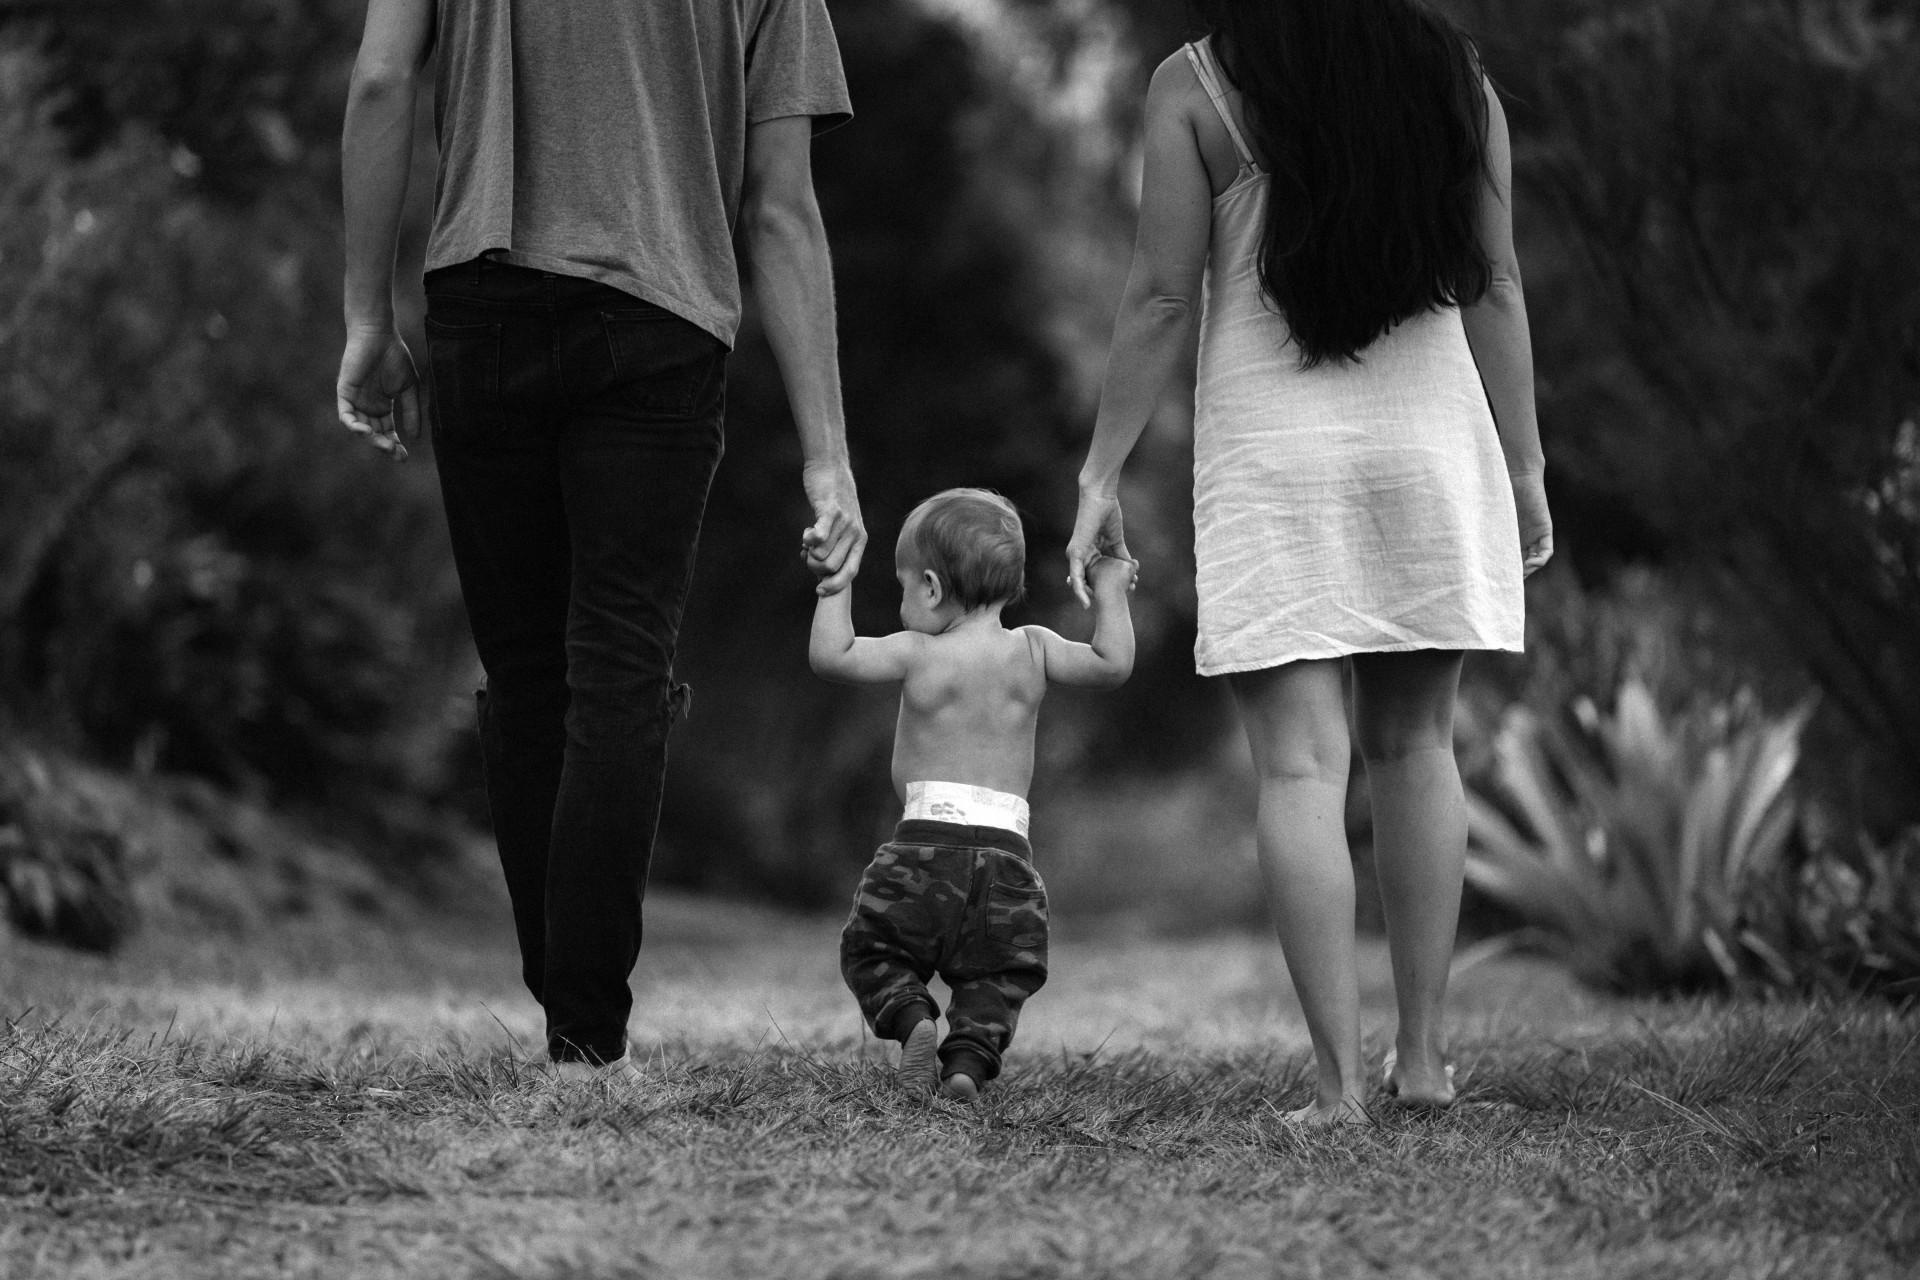 Na infância, a criança imagina que os pais devem sentir orgulha dela para merecer ser amada